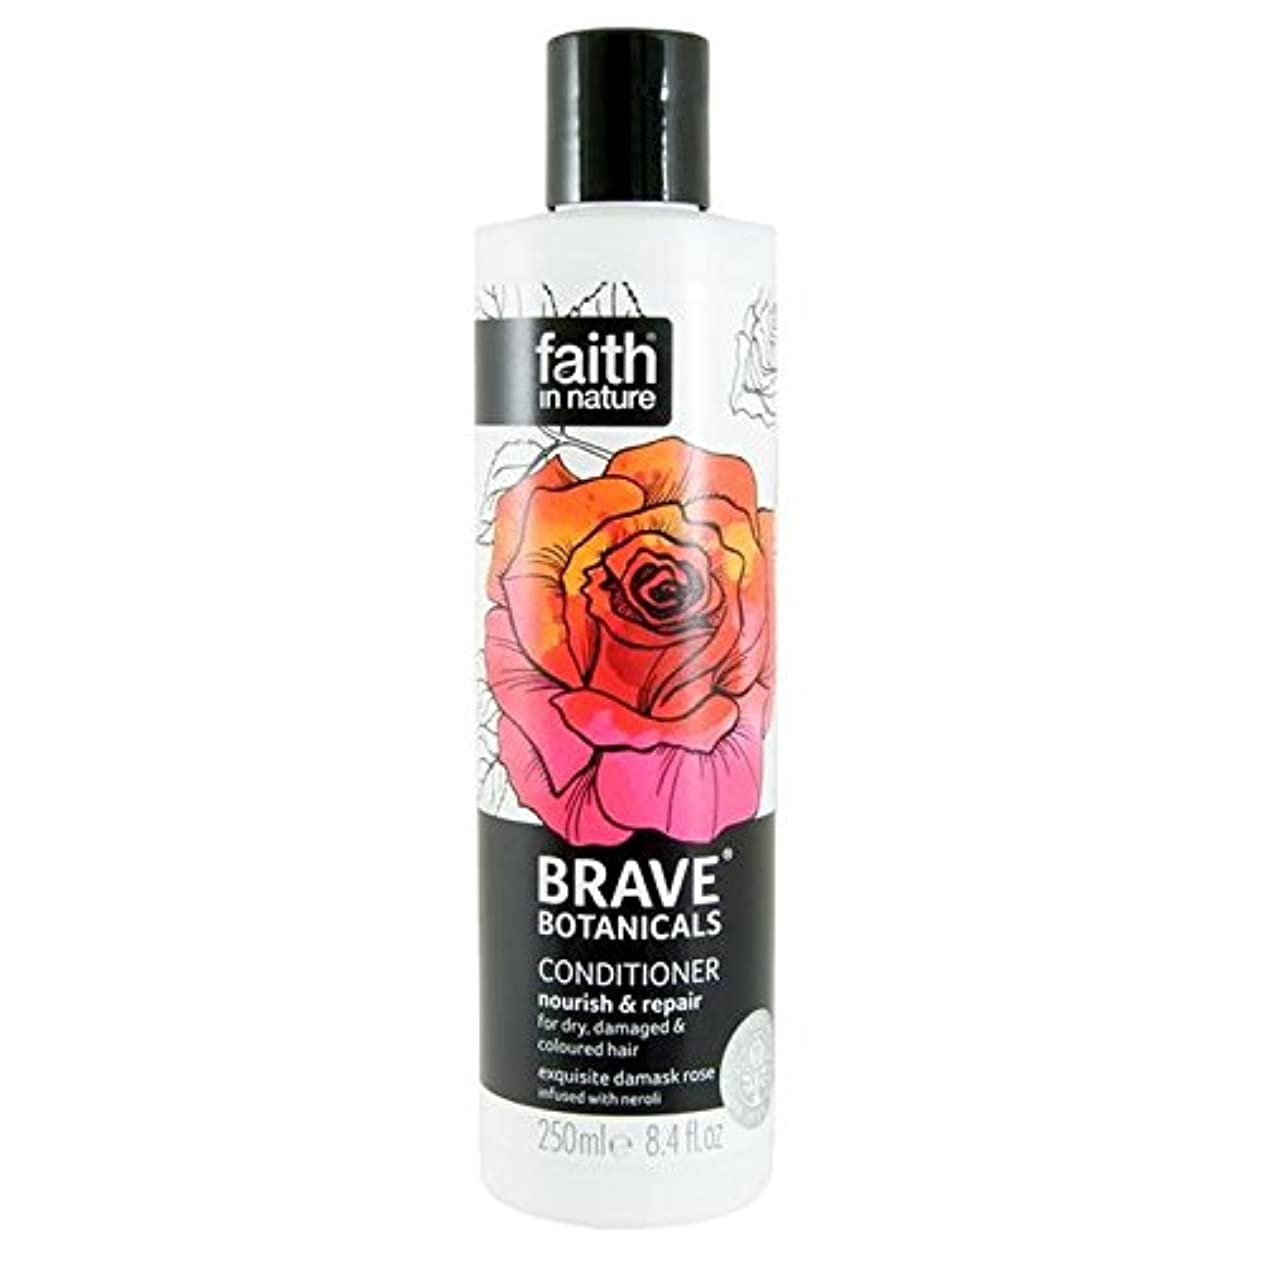 はい未払い書士Brave Botanicals Rose & Neroli Nourish & Repair Conditioner 250ml (Pack of 6) - (Faith In Nature) 勇敢な植物は、ローズ&ネロリ...